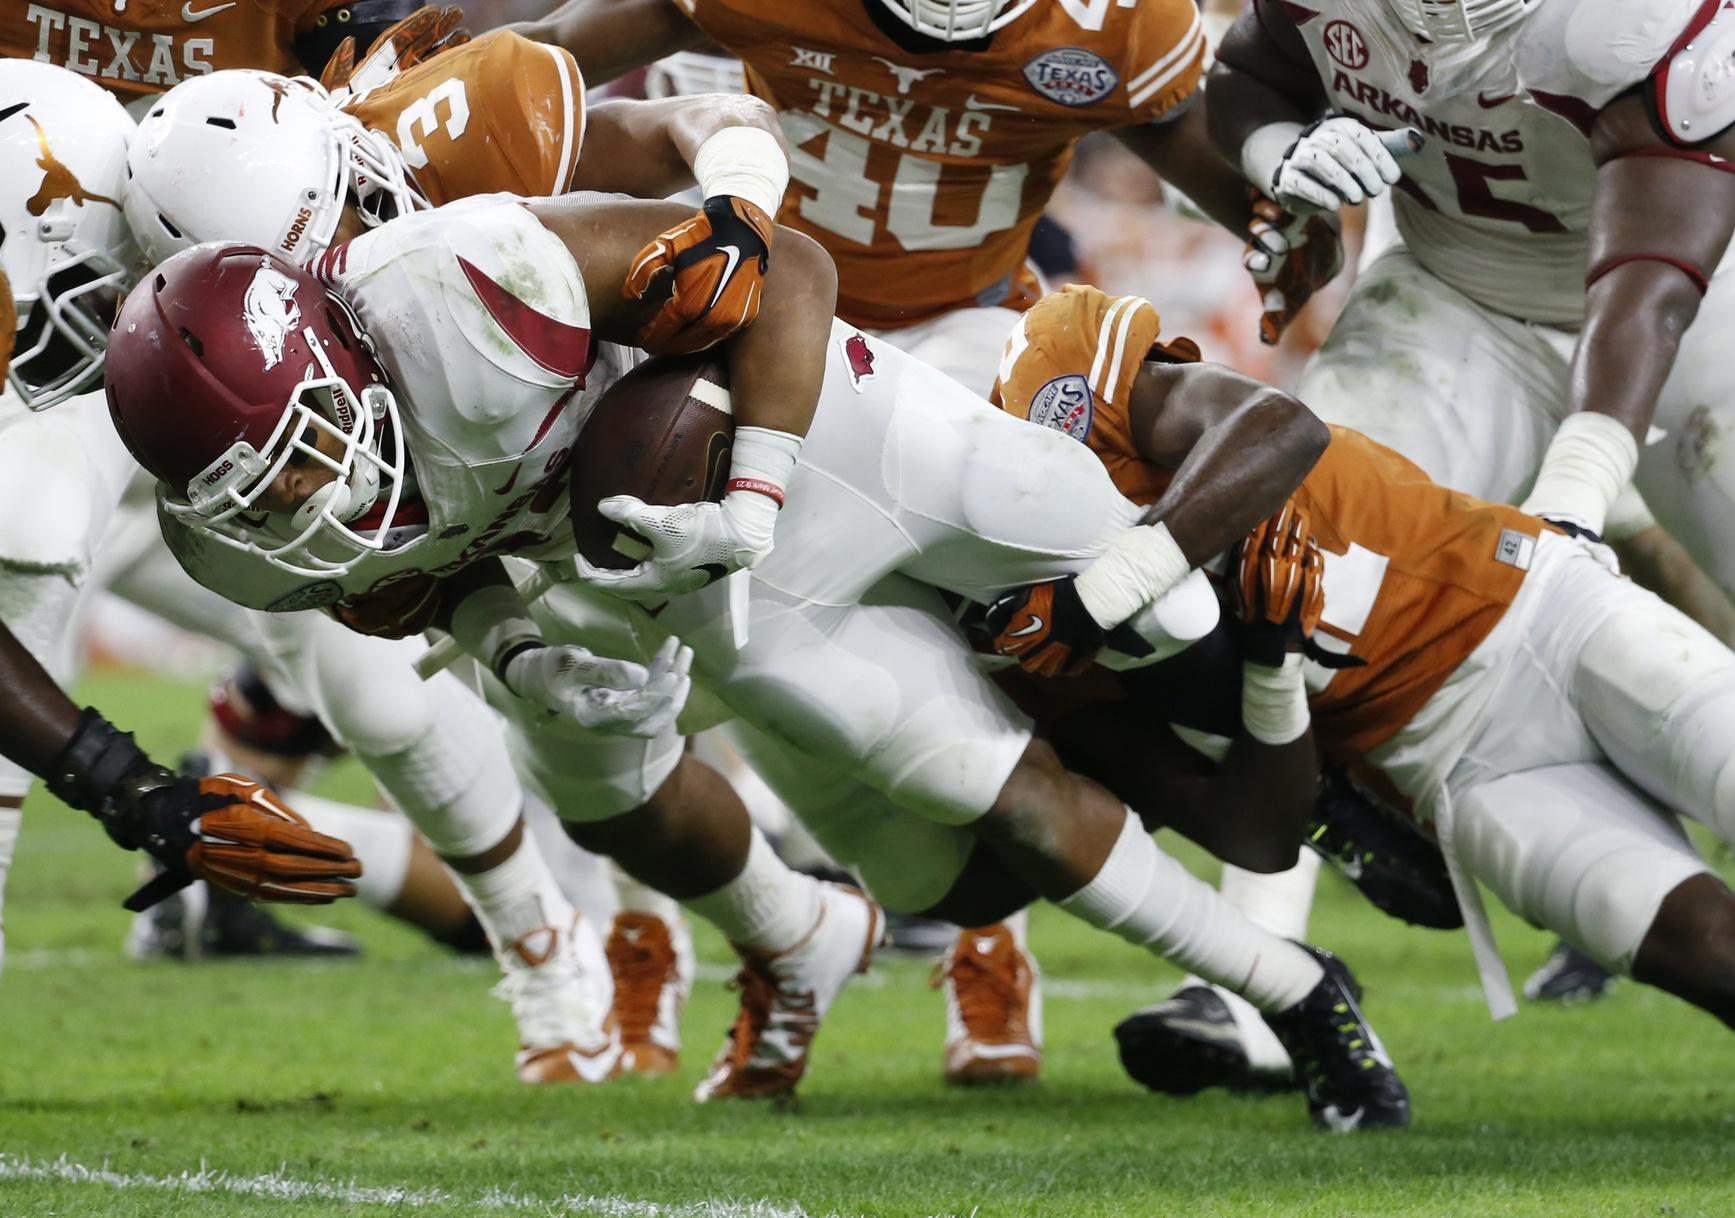 Arkansas vs. Texas A&M - Game Summary - espn.com